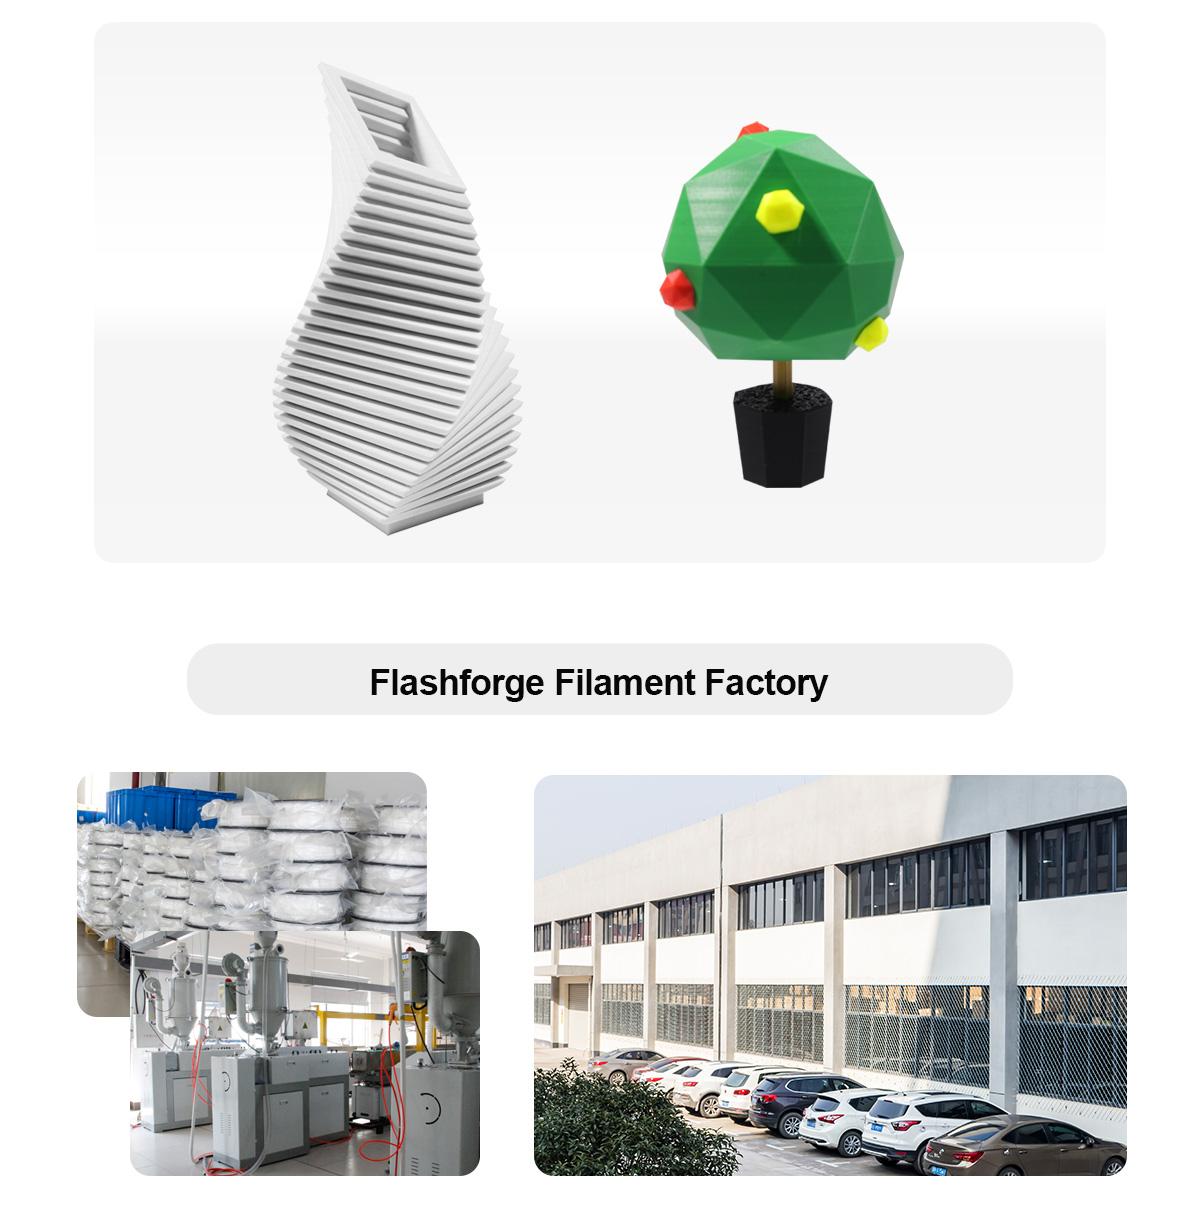 Flashforge Filament Factory | Flashforgeshop